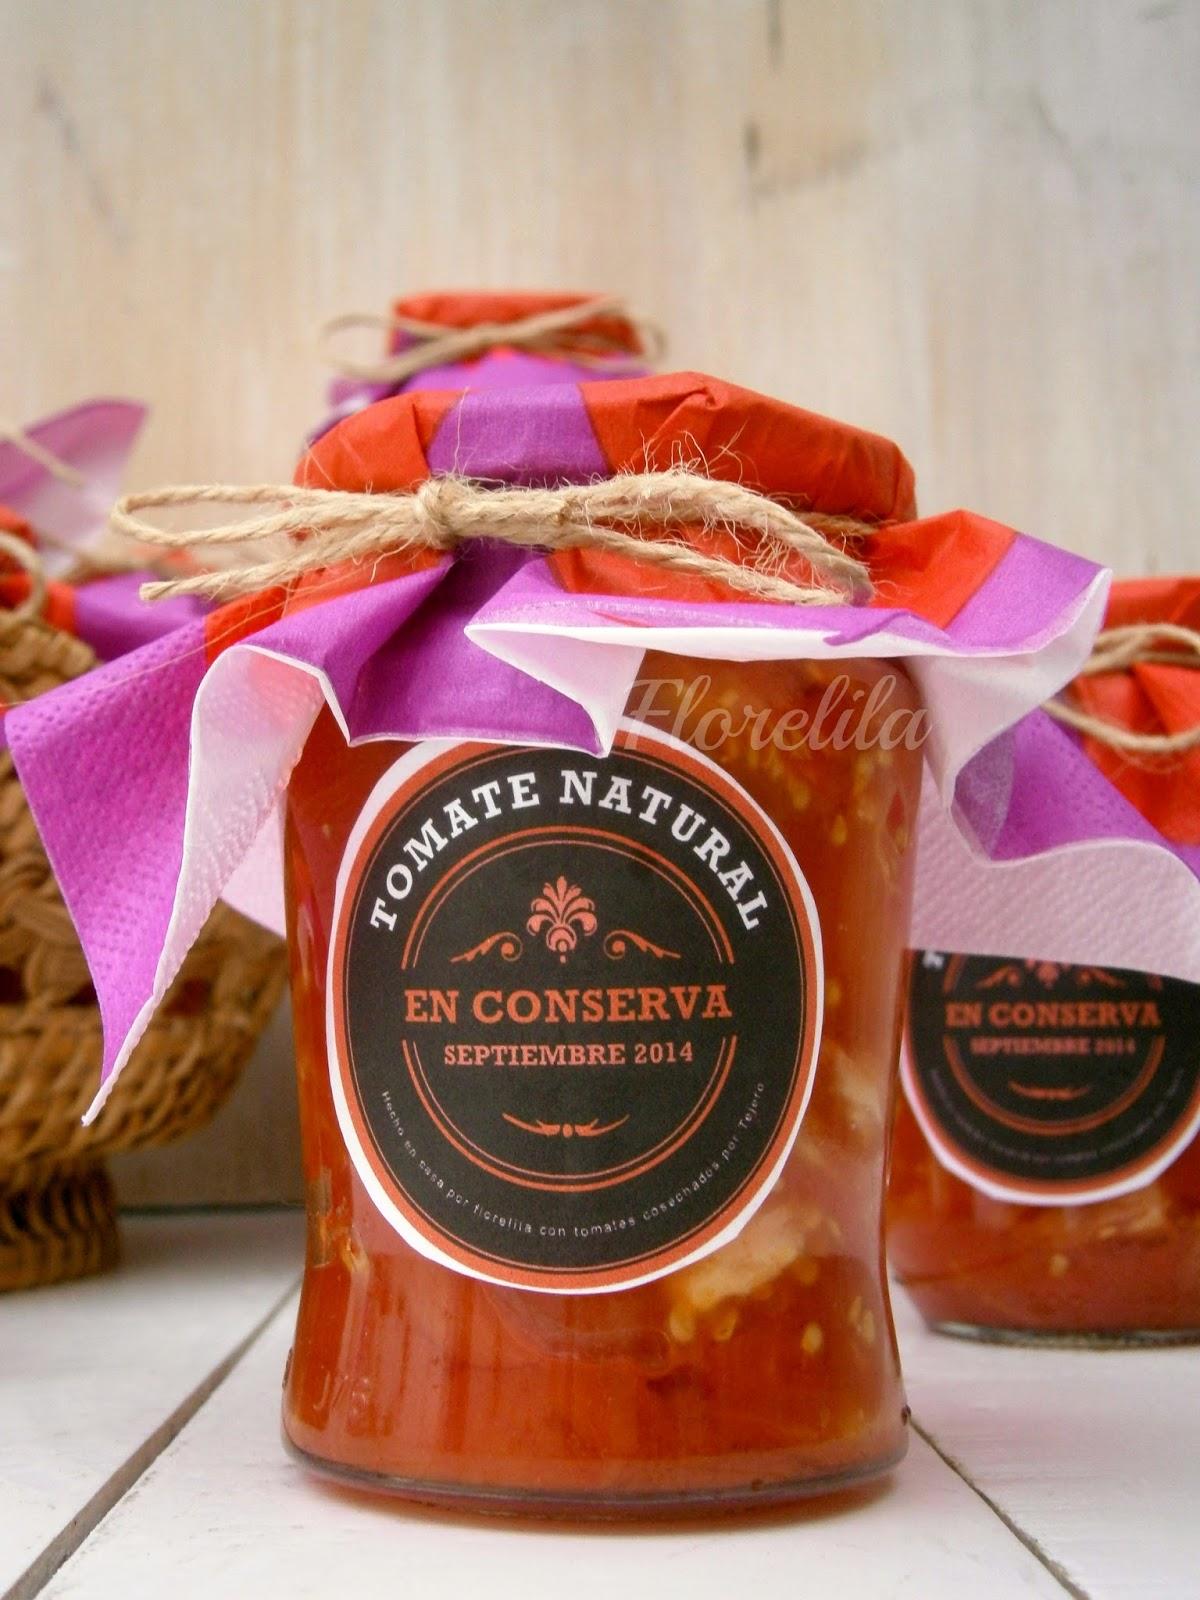 Florelila, recetas y aficiones.: Tomate natural en conserva.